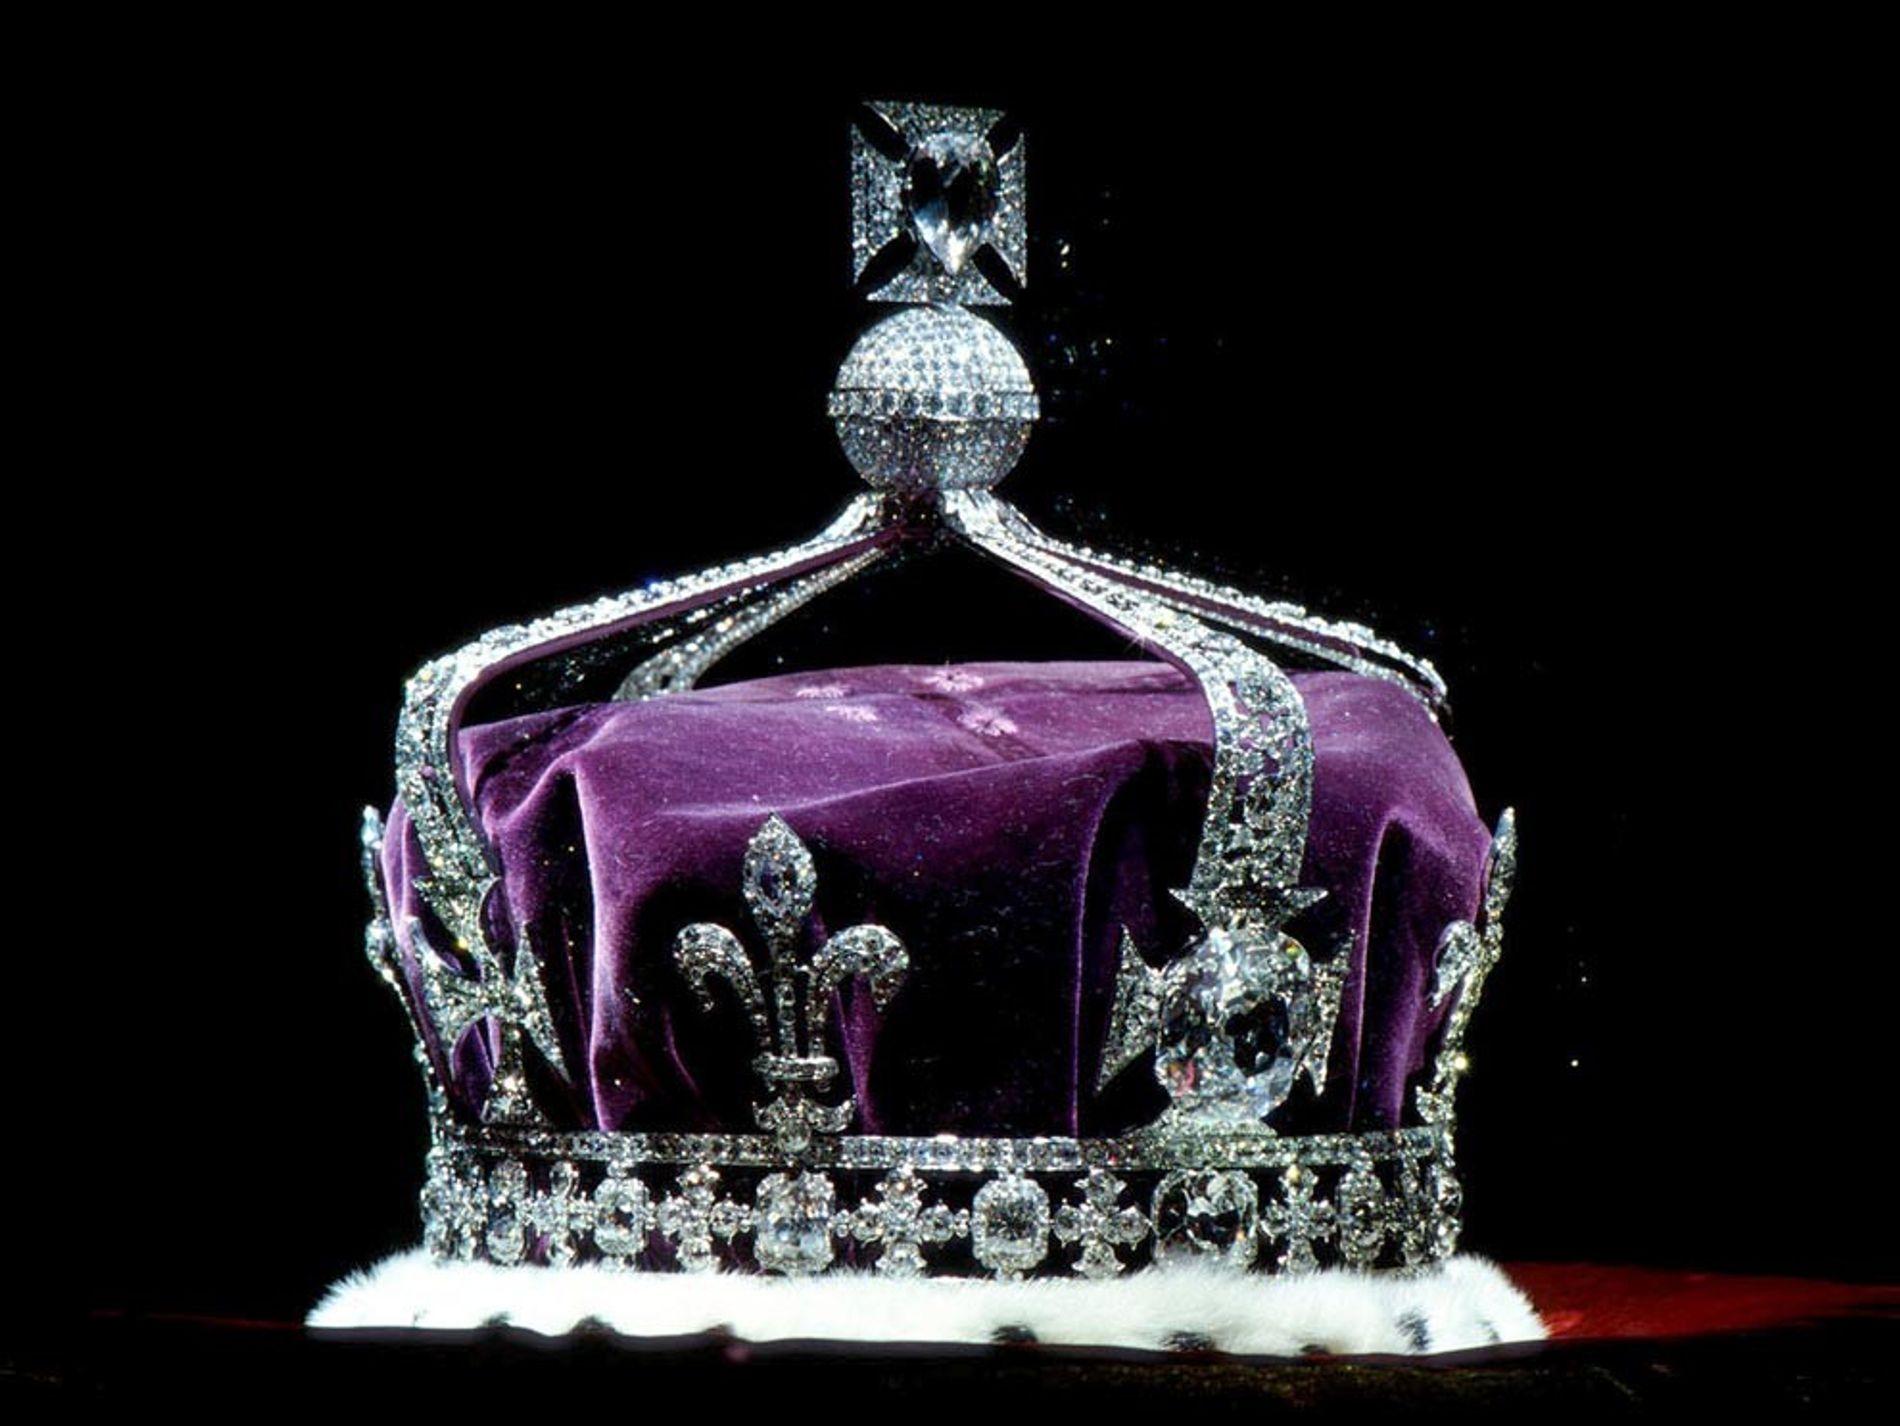 El mundialmente conocido diamante Koh-i-noor acentúa la grandeza de la corona de la reina Isabel, la …